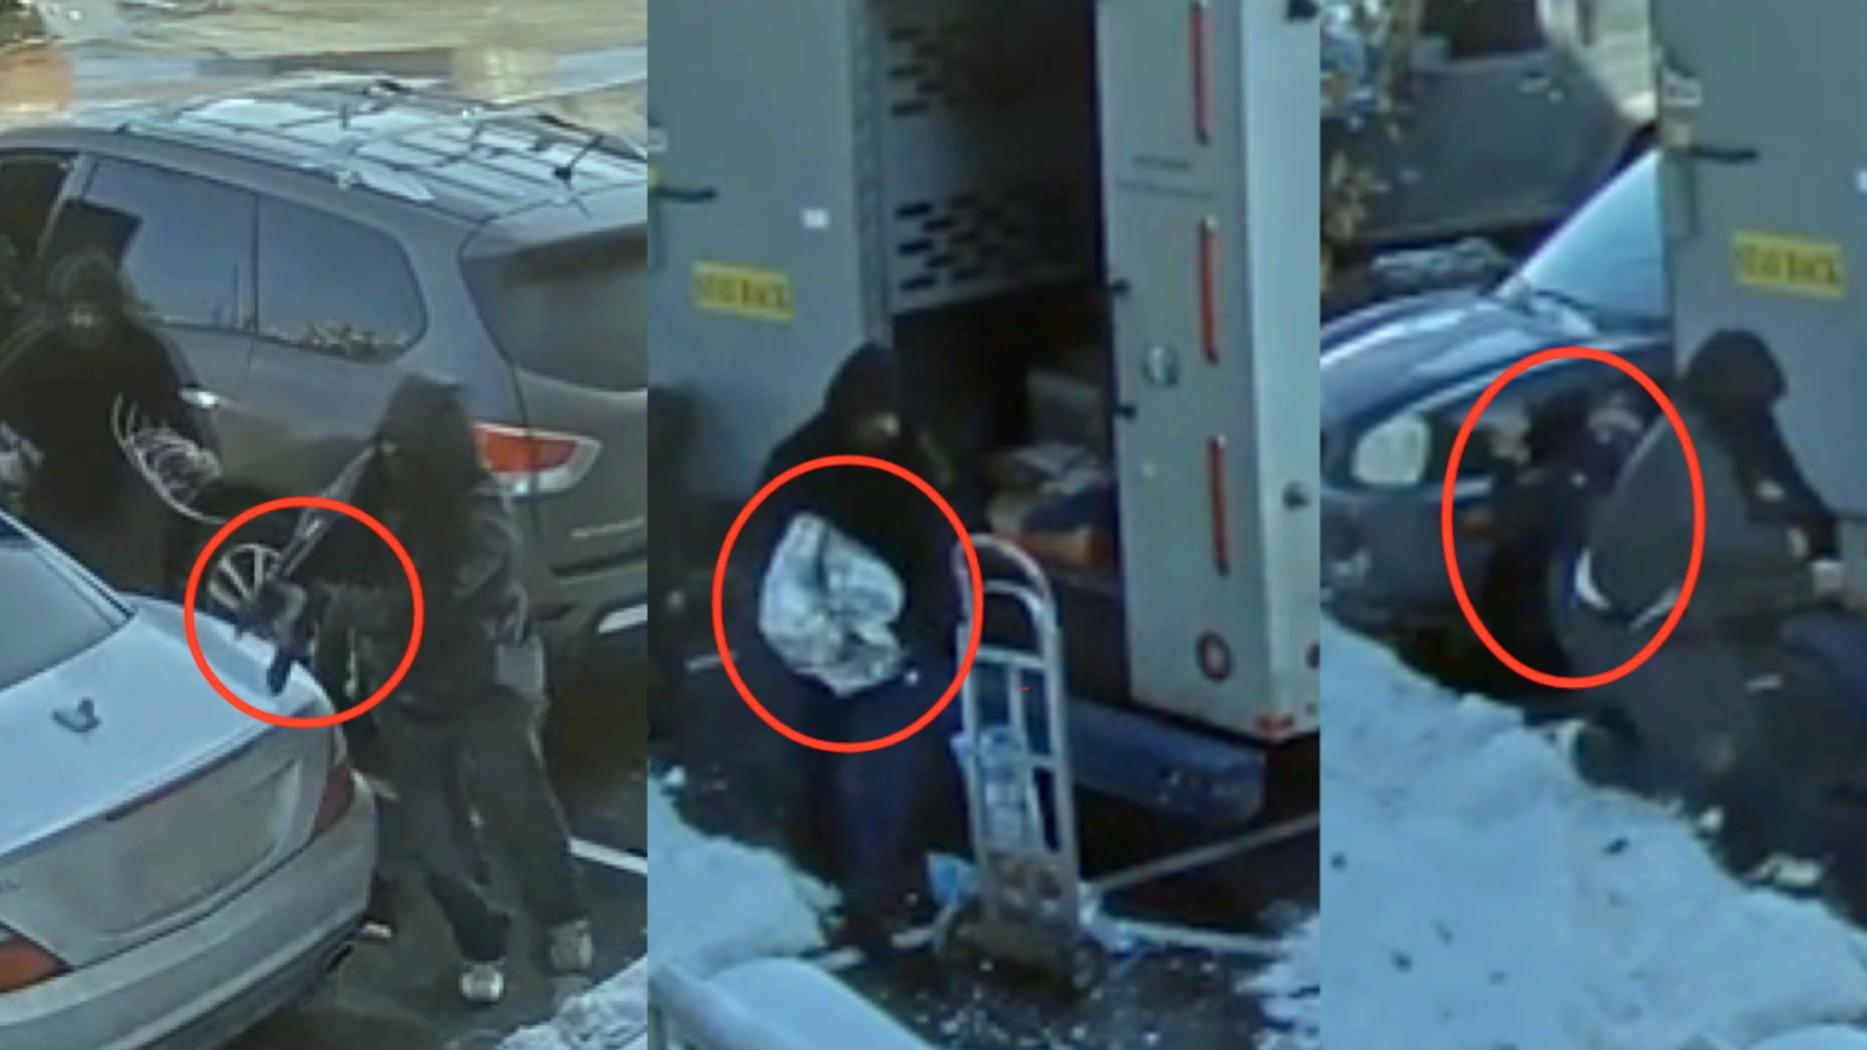 未反抗全副武装劫匪美国女子遭辞退!监拍:女子工作时遭持枪抢劫